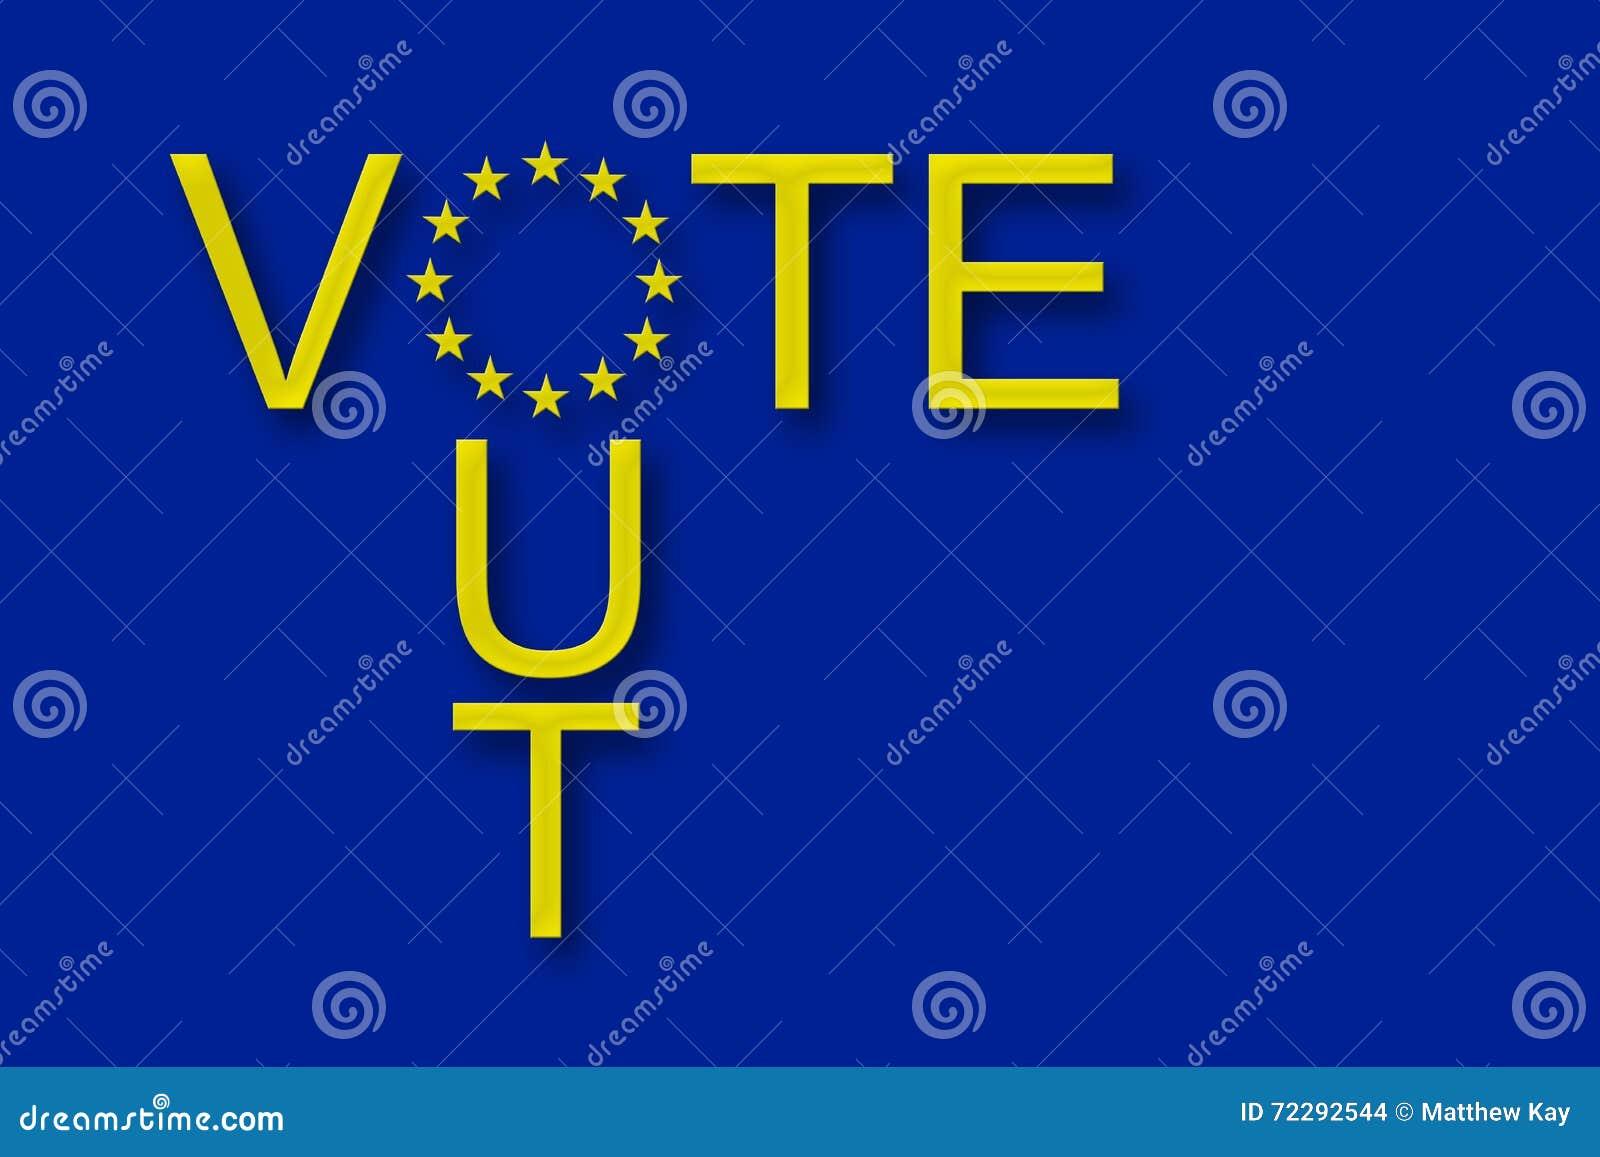 Głosowanie z Europejskiego zjednoczenia